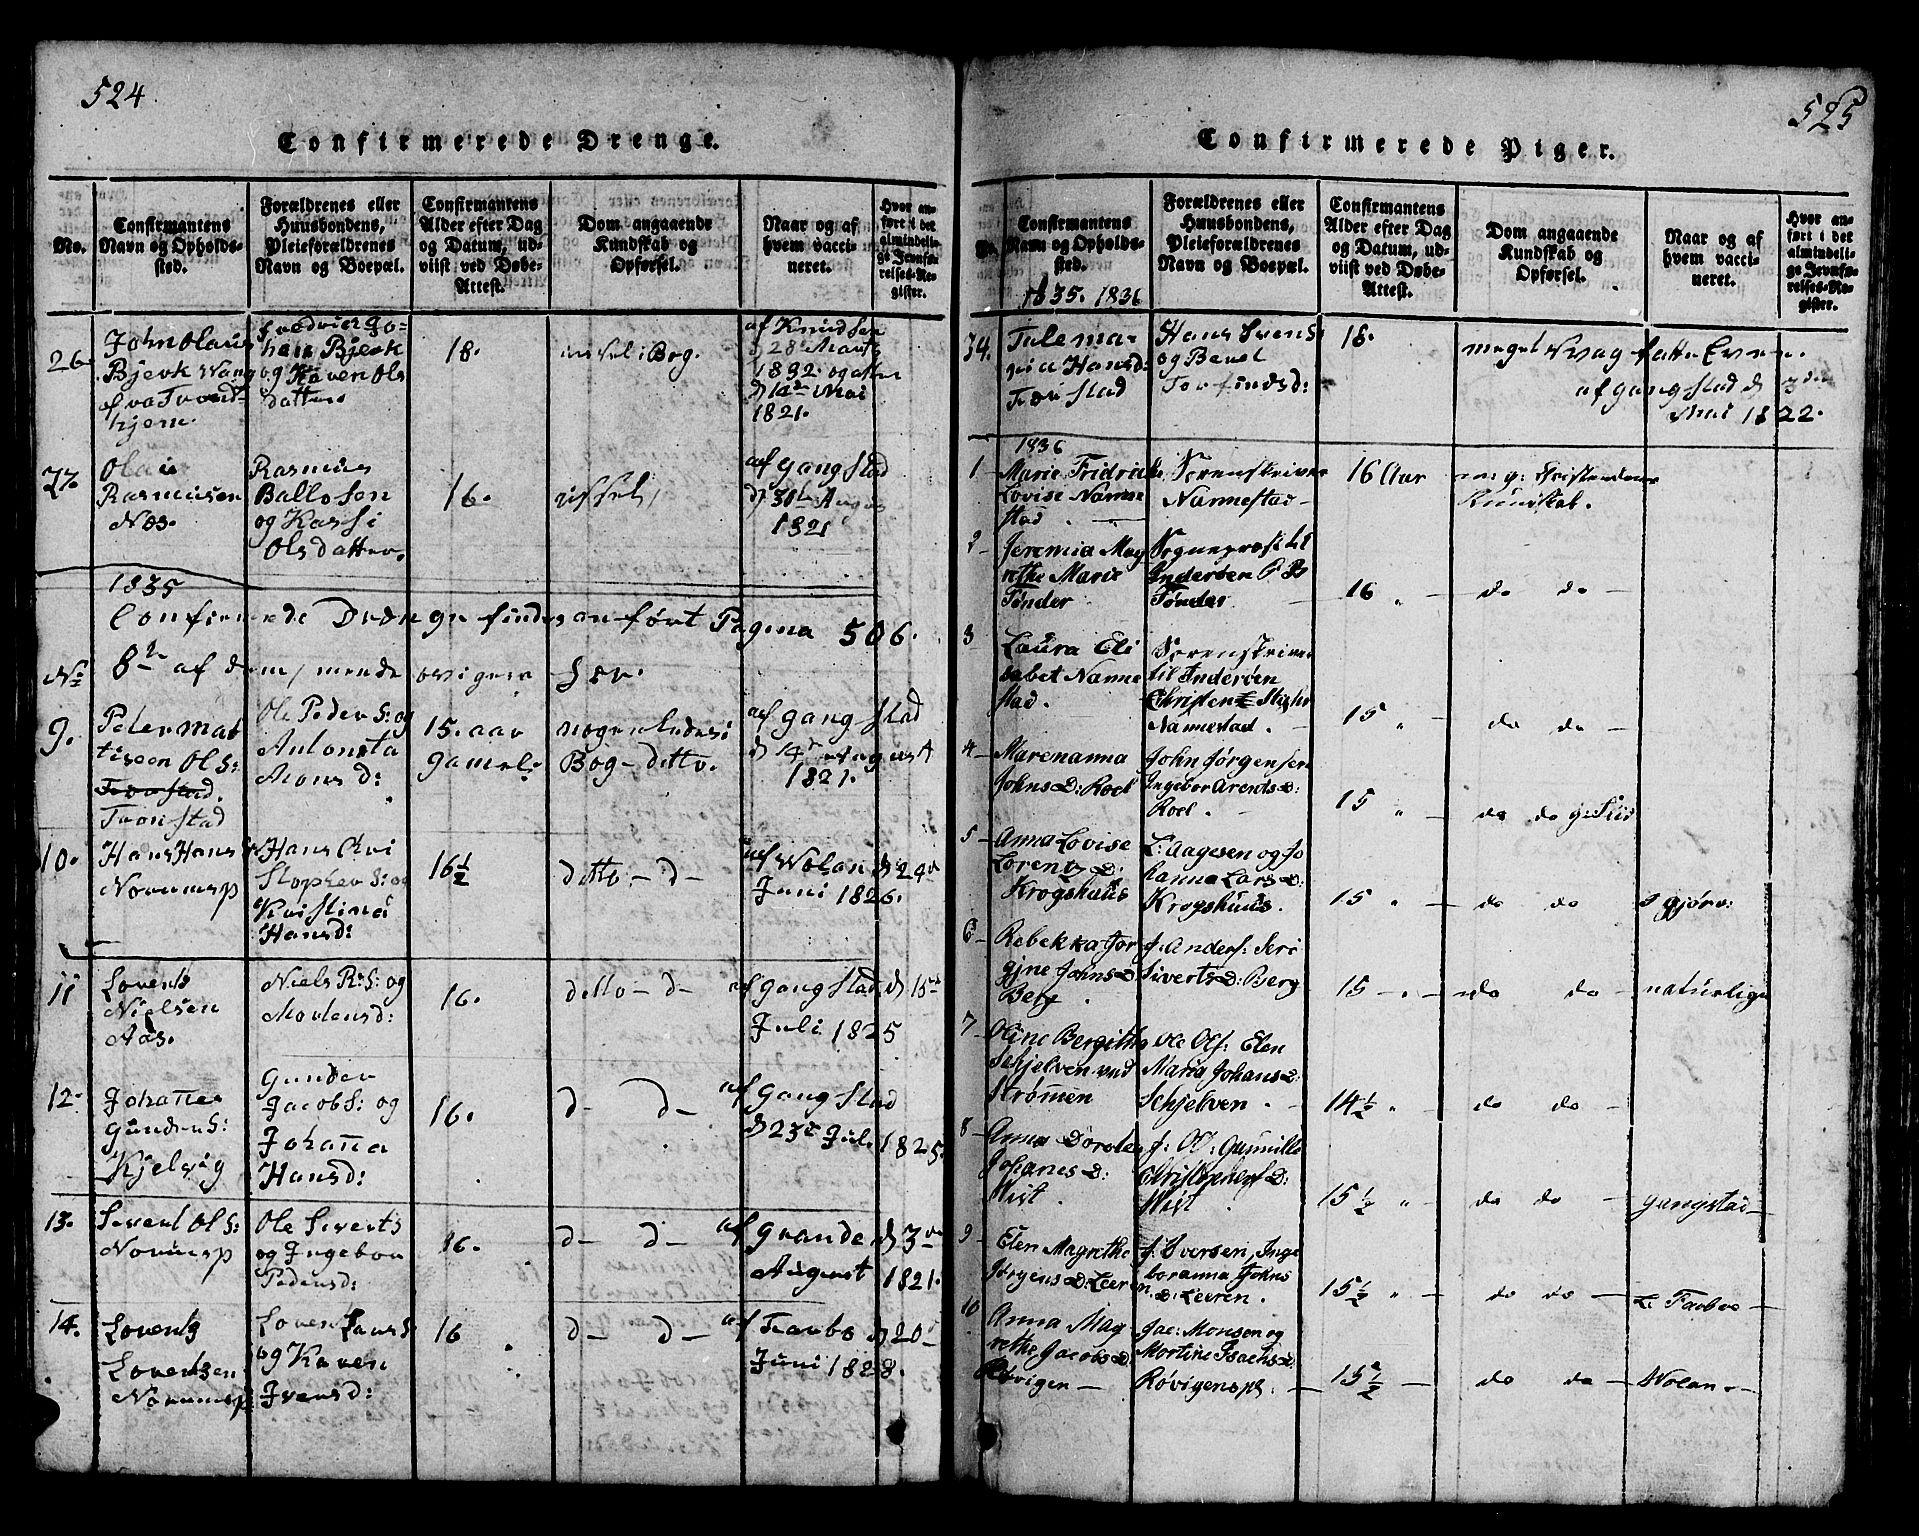 SAT, Ministerialprotokoller, klokkerbøker og fødselsregistre - Nord-Trøndelag, 730/L0298: Klokkerbok nr. 730C01, 1816-1849, s. 524-525